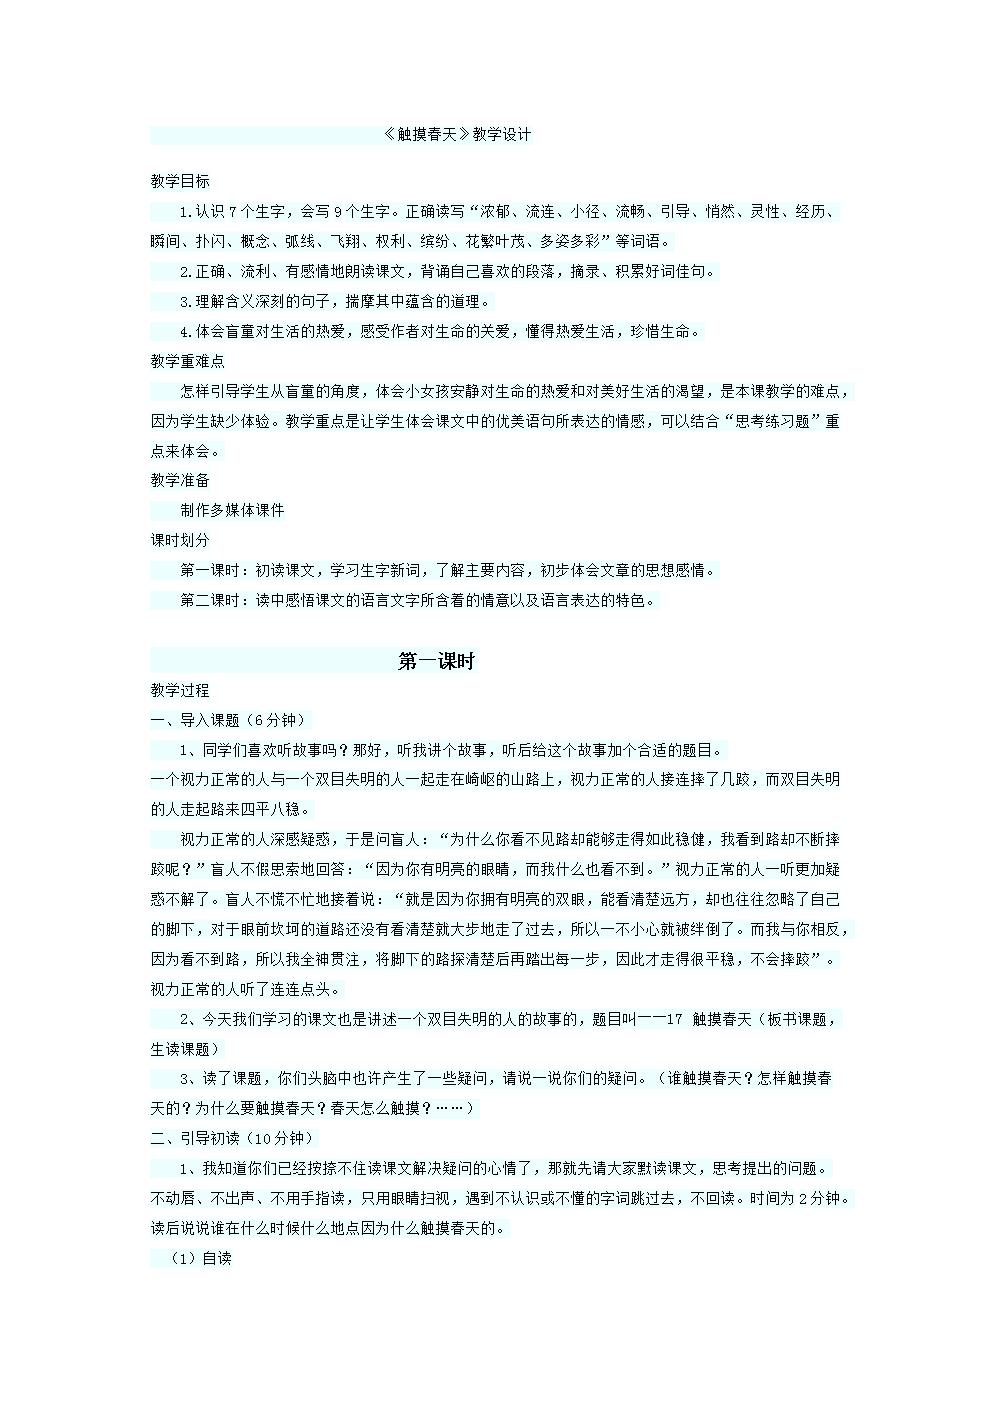 语文人教版四下册年级触摸春天步法.docx十六步舞基本教学课件图片